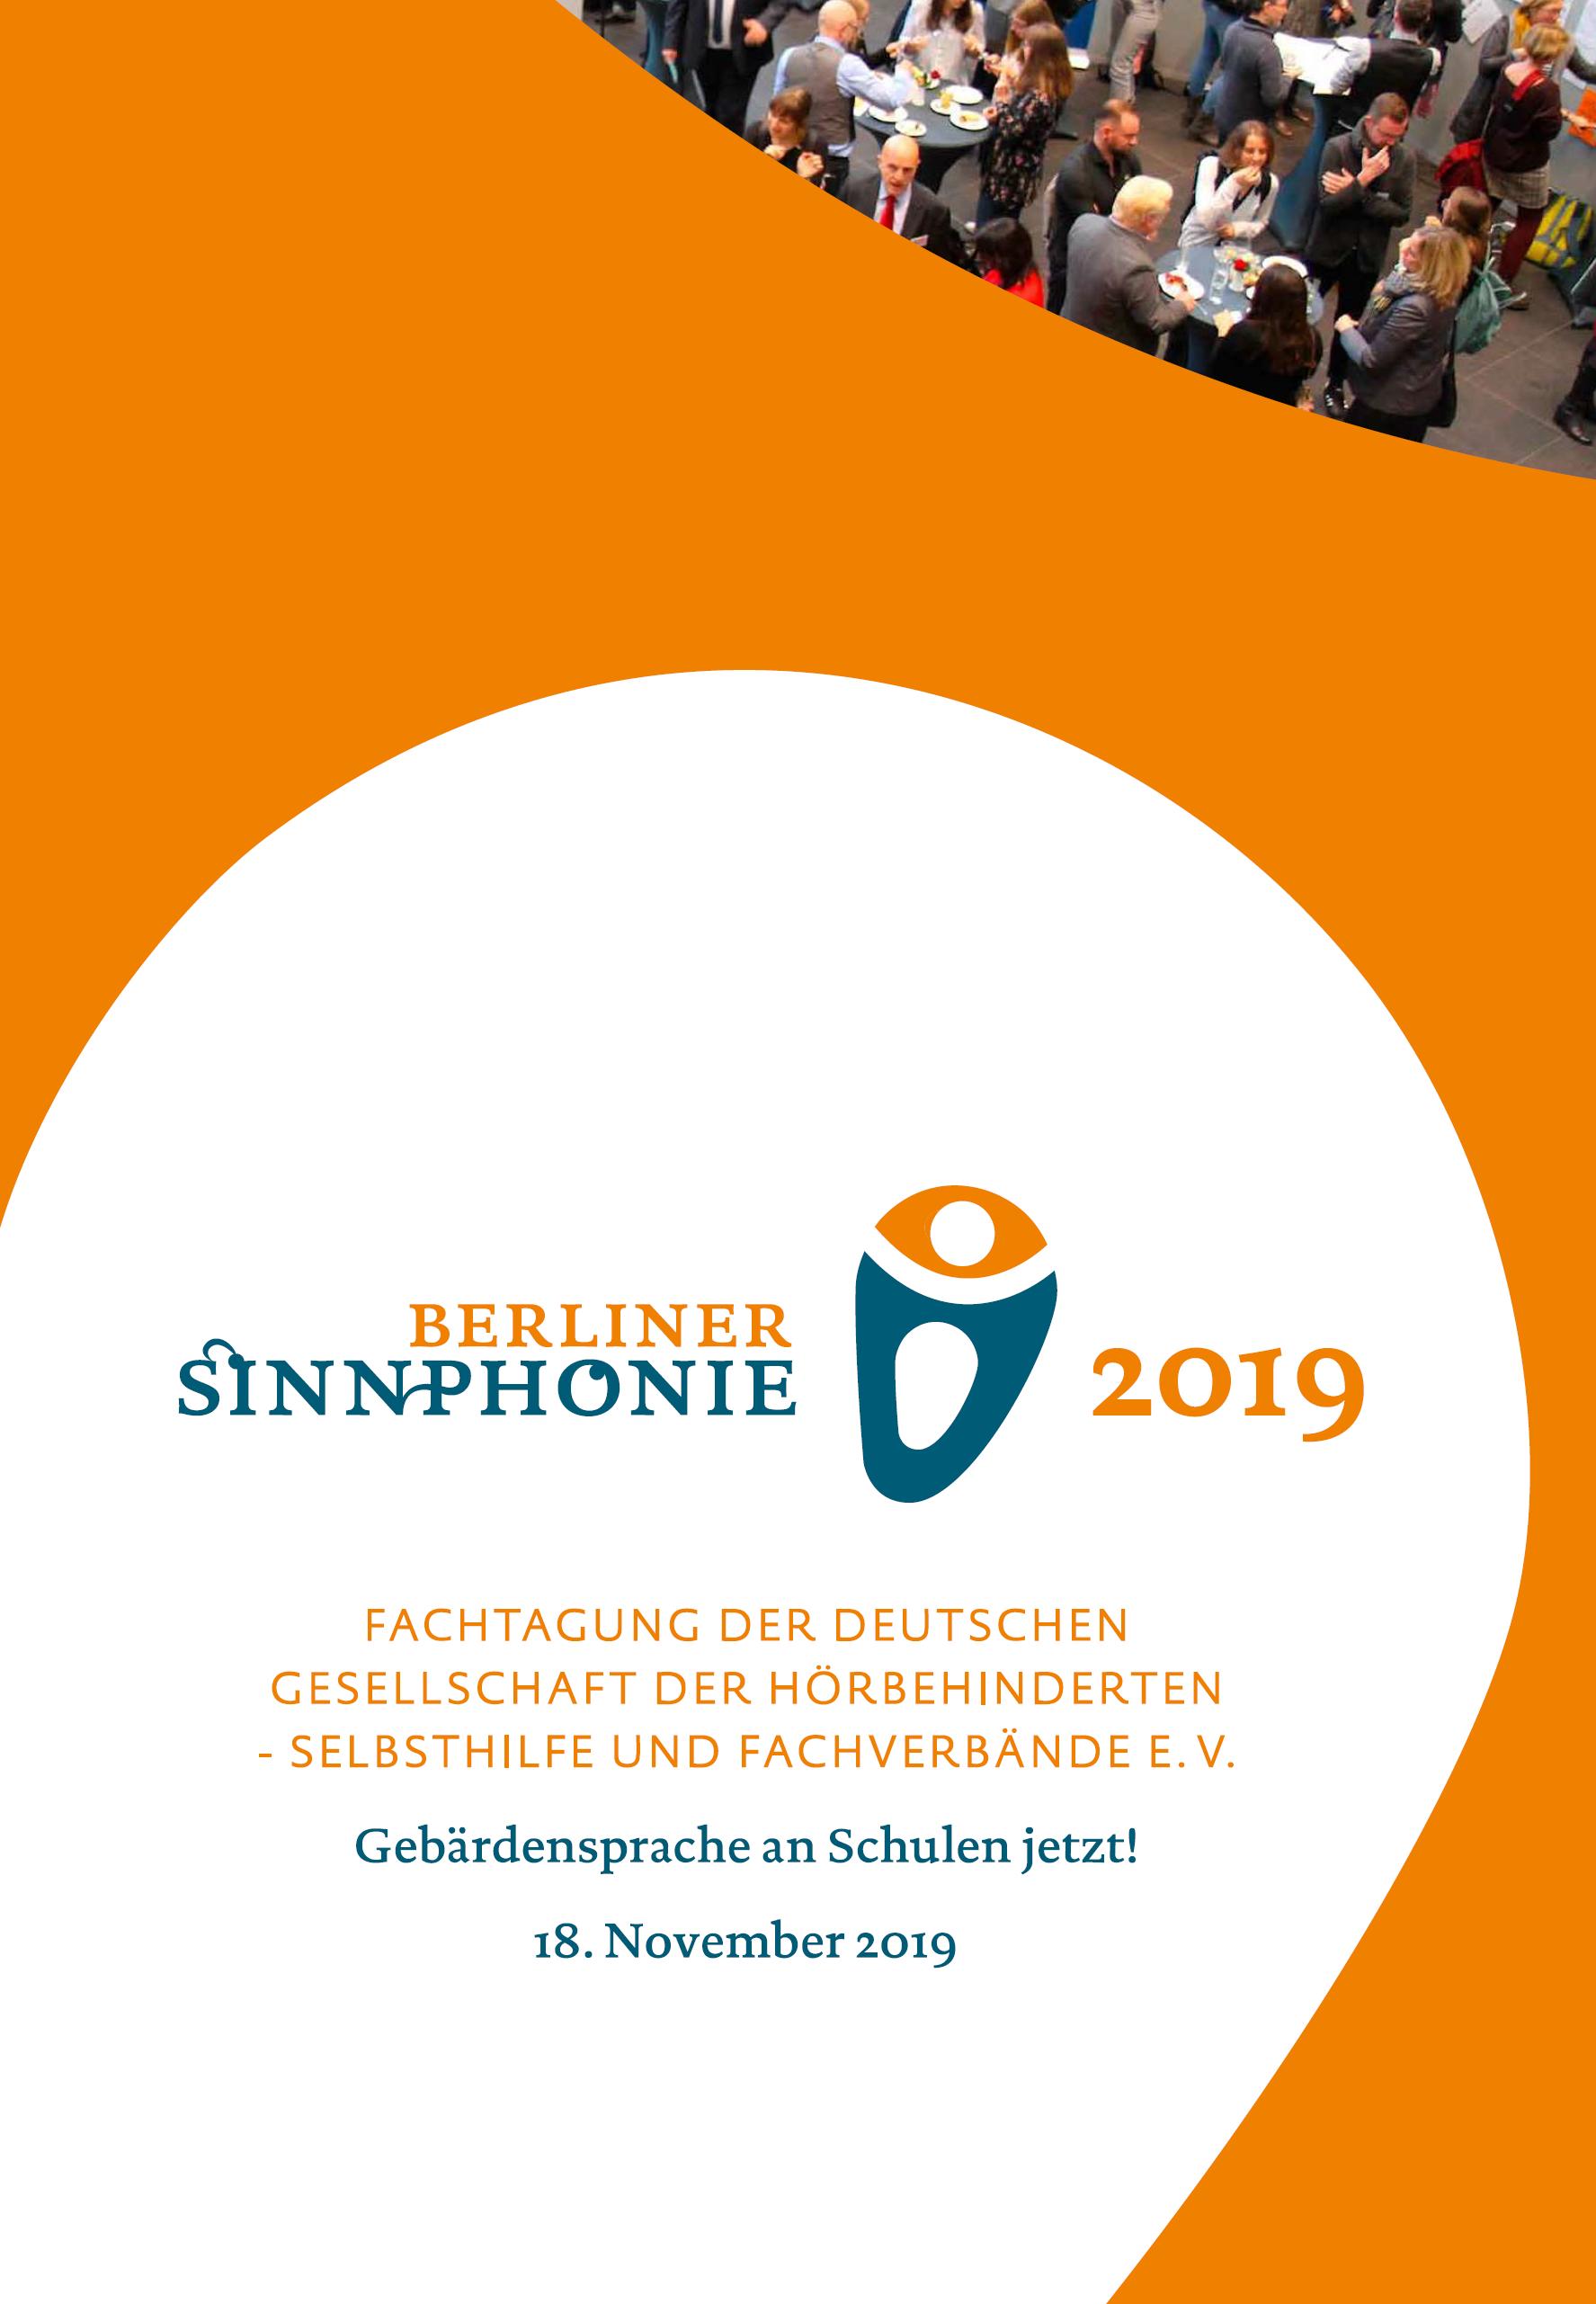 Deckblatt der Berliner Sinnphonie 2019: